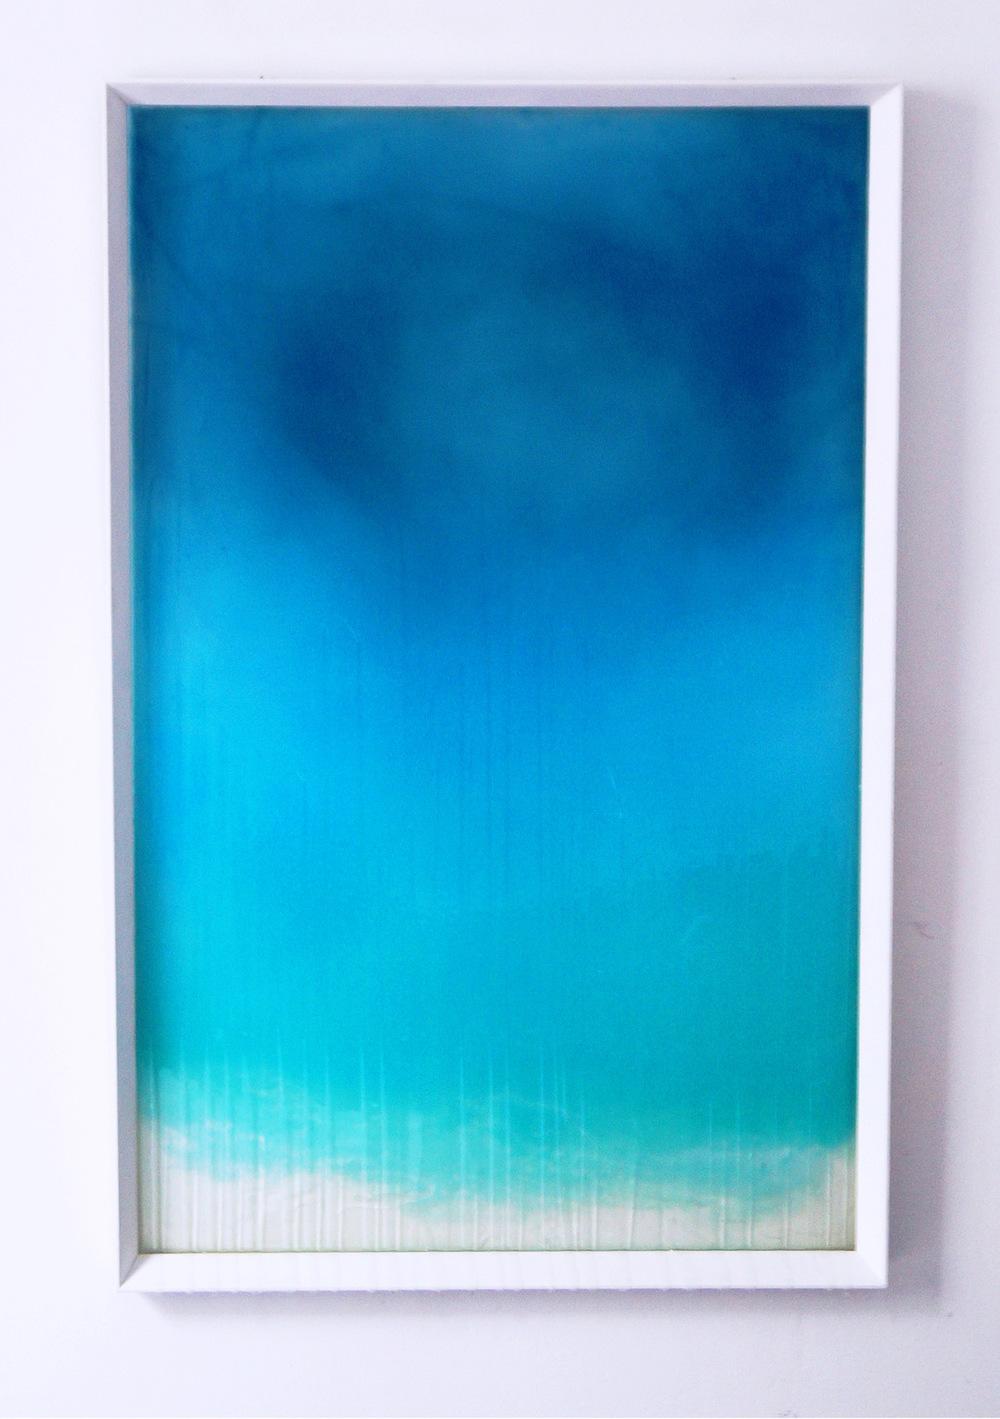 Aarón Sanromán - CONTENIBLES I - Metacrilato, óleo, acrílico. 100 x 70 cm (2015)